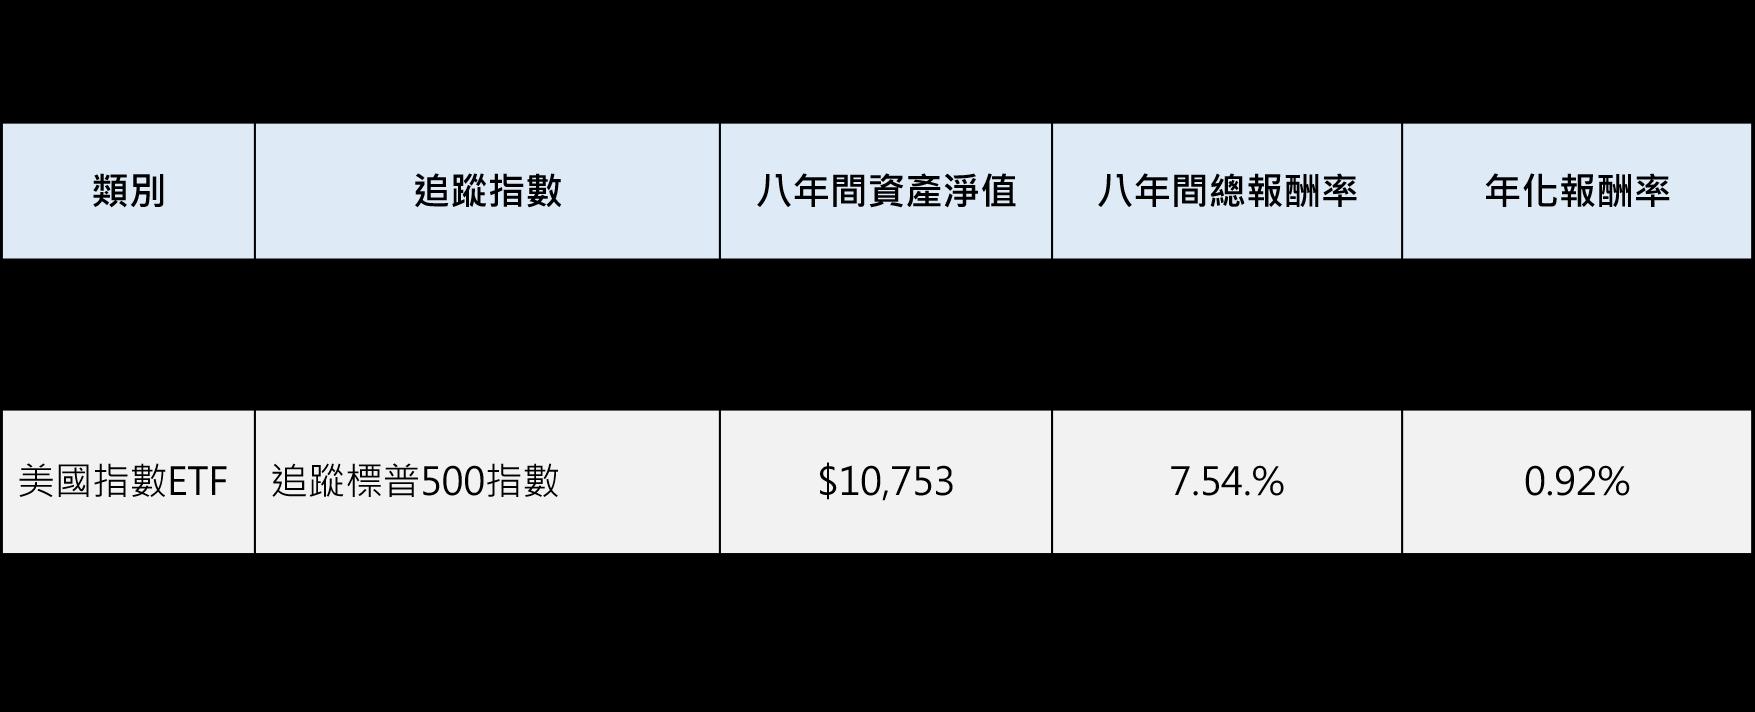 指數ETF_2008之前